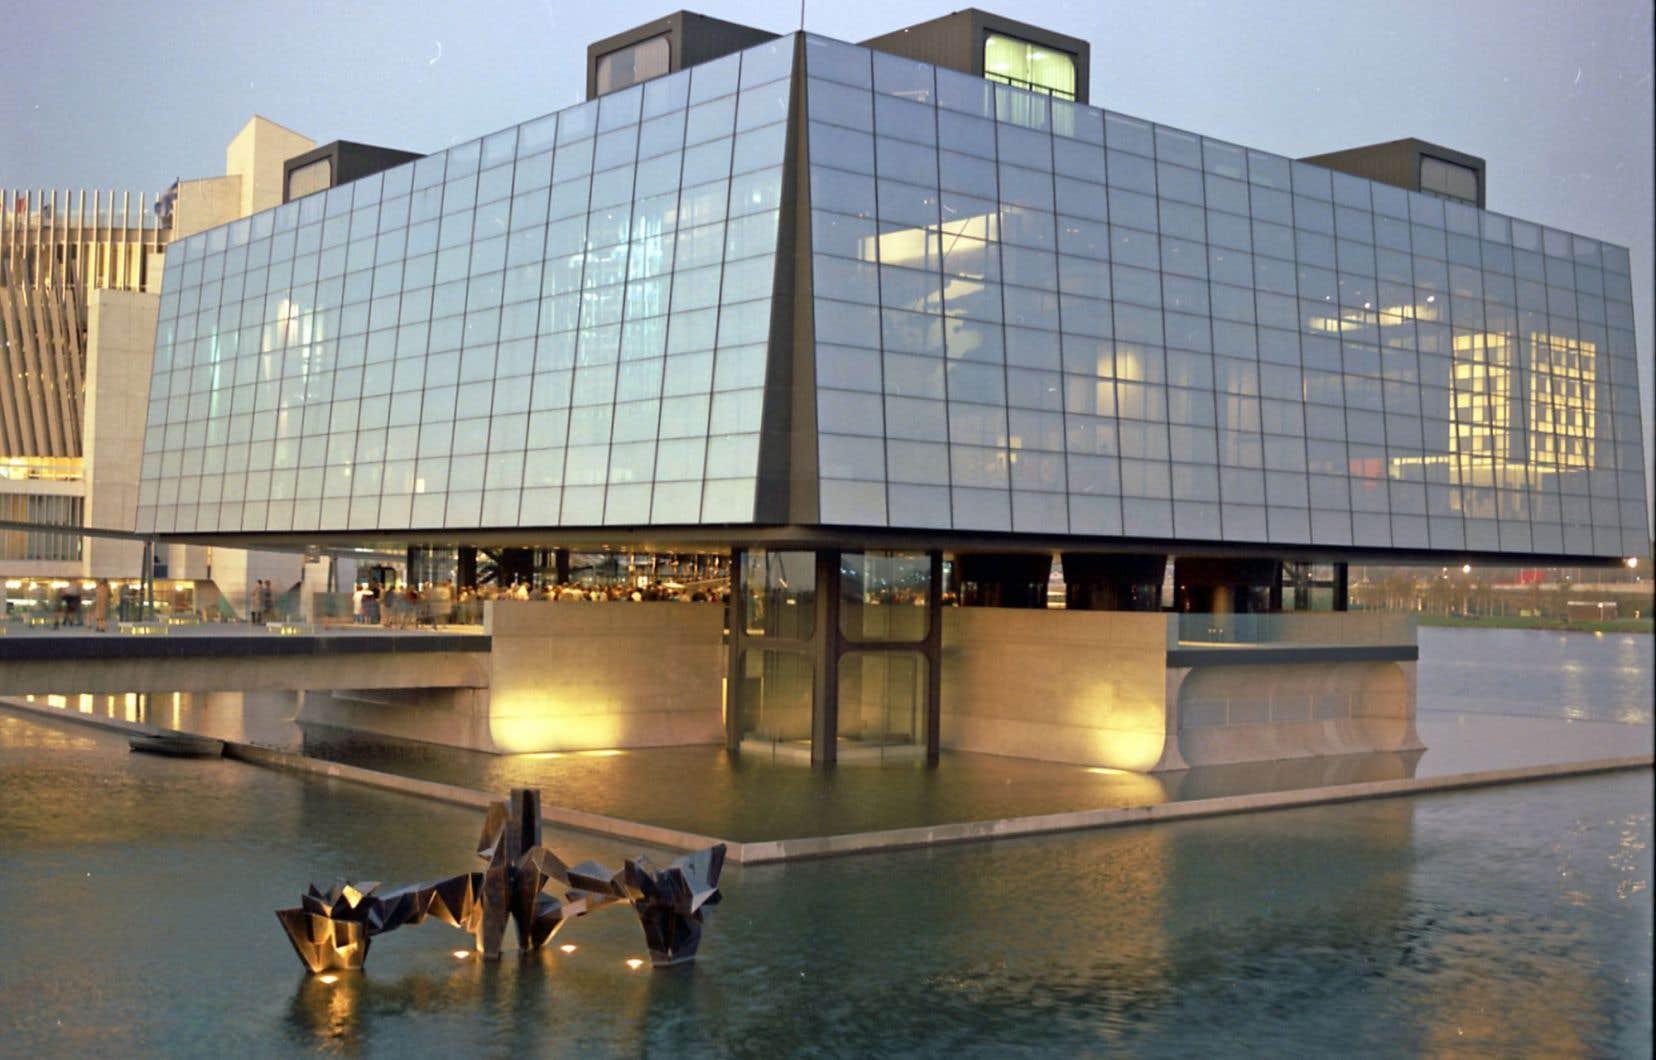 Transparence du pavillon du Québec à l'Expo 67. Non daté (c. 1967). Série Office du film du Québec/Pavillon du Québec à l'Exposition universelle de Montréal.